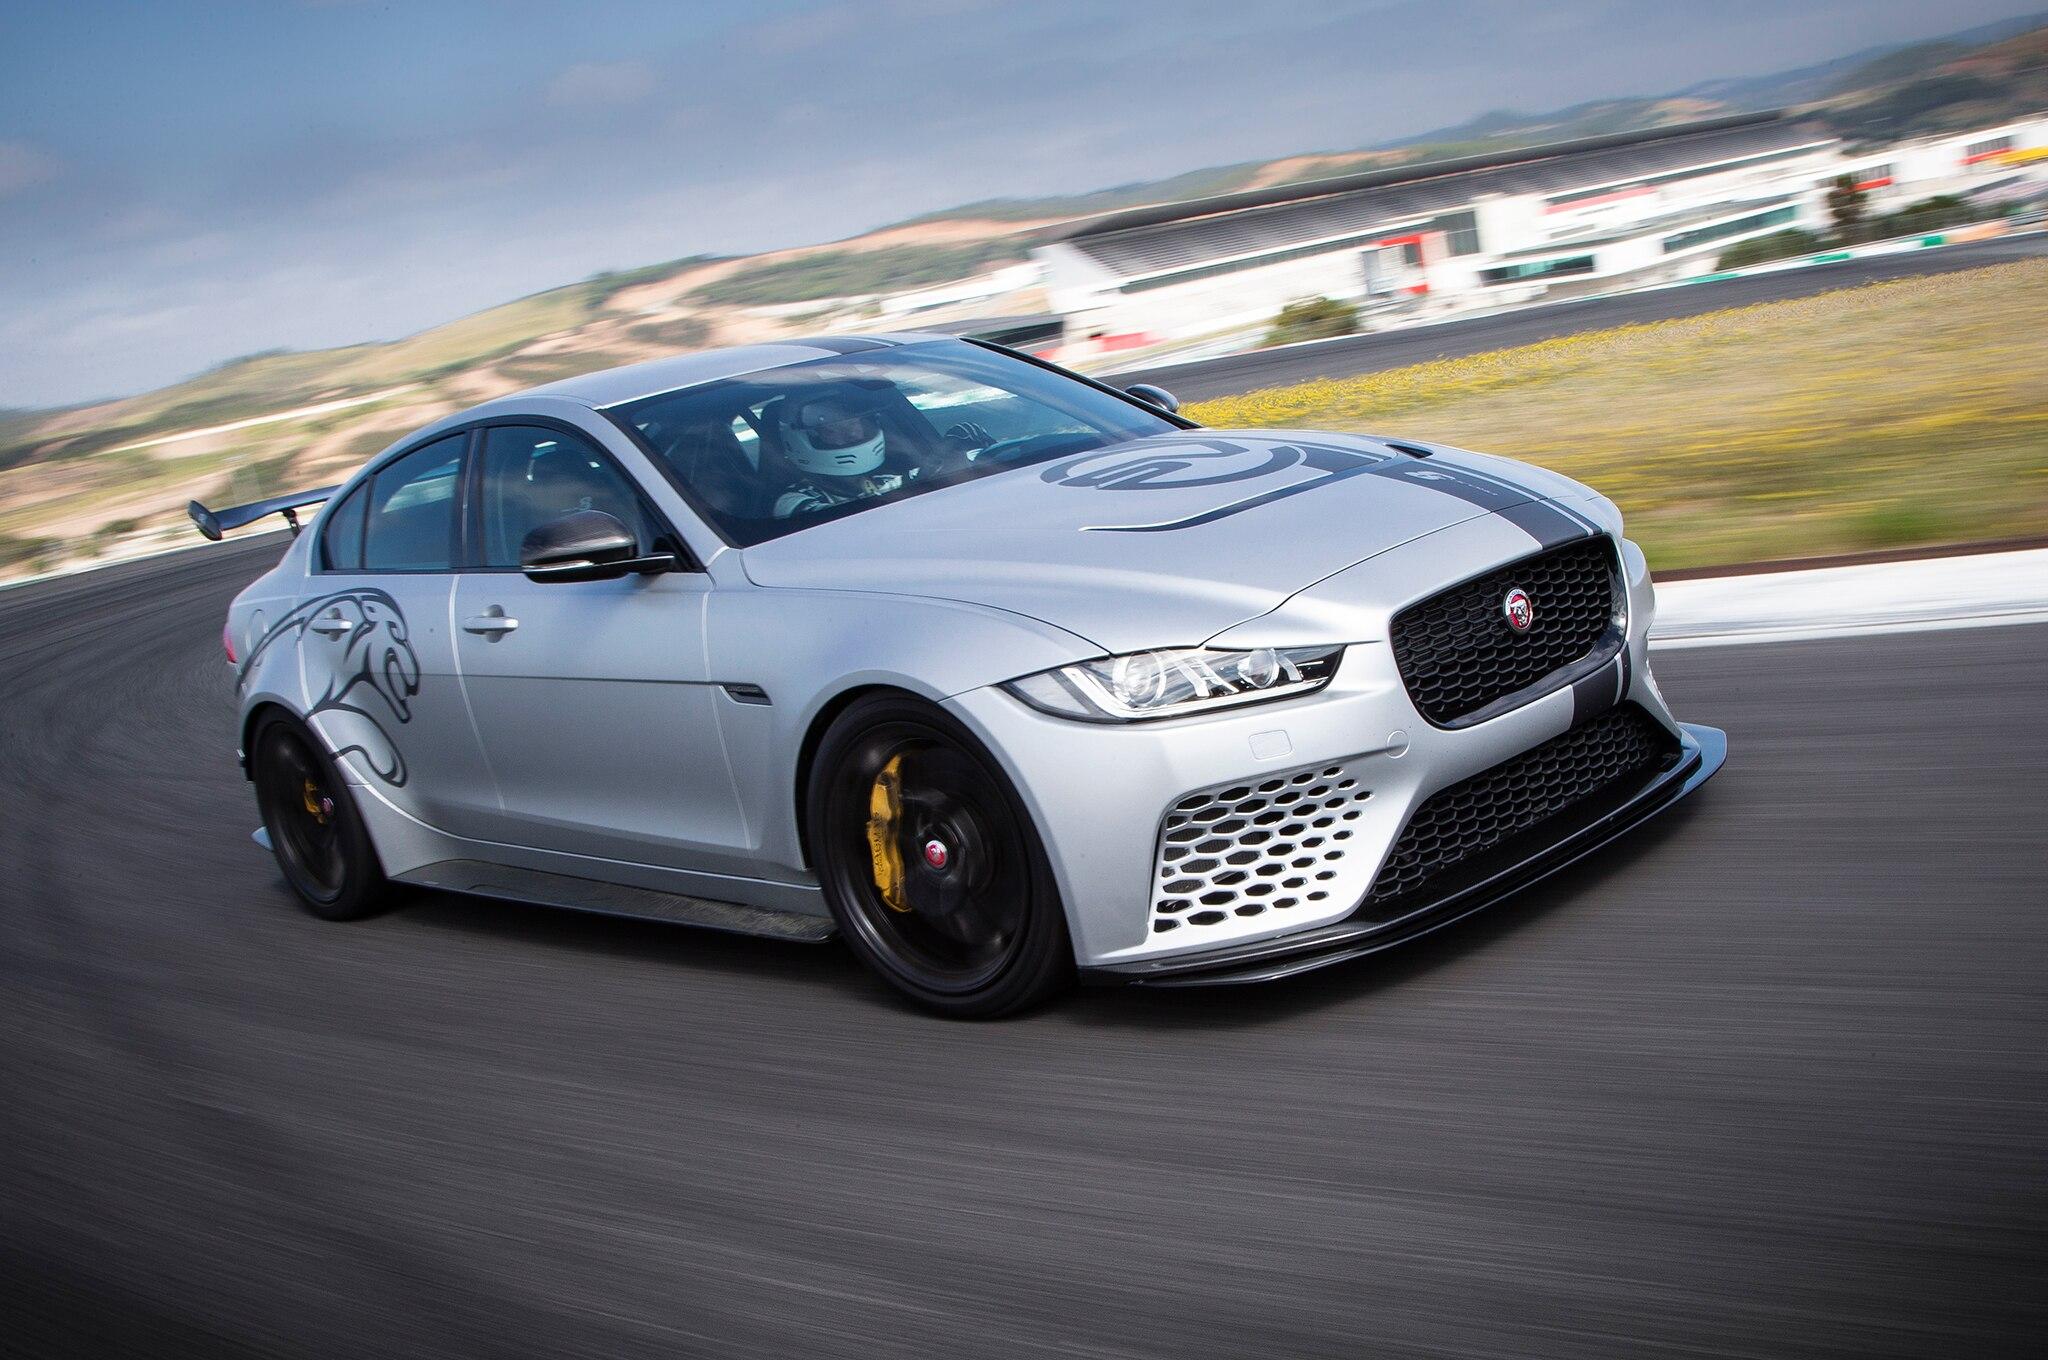 2018 jaguar xe sv project 8 first drive review automobile magazine rh automobilemag com